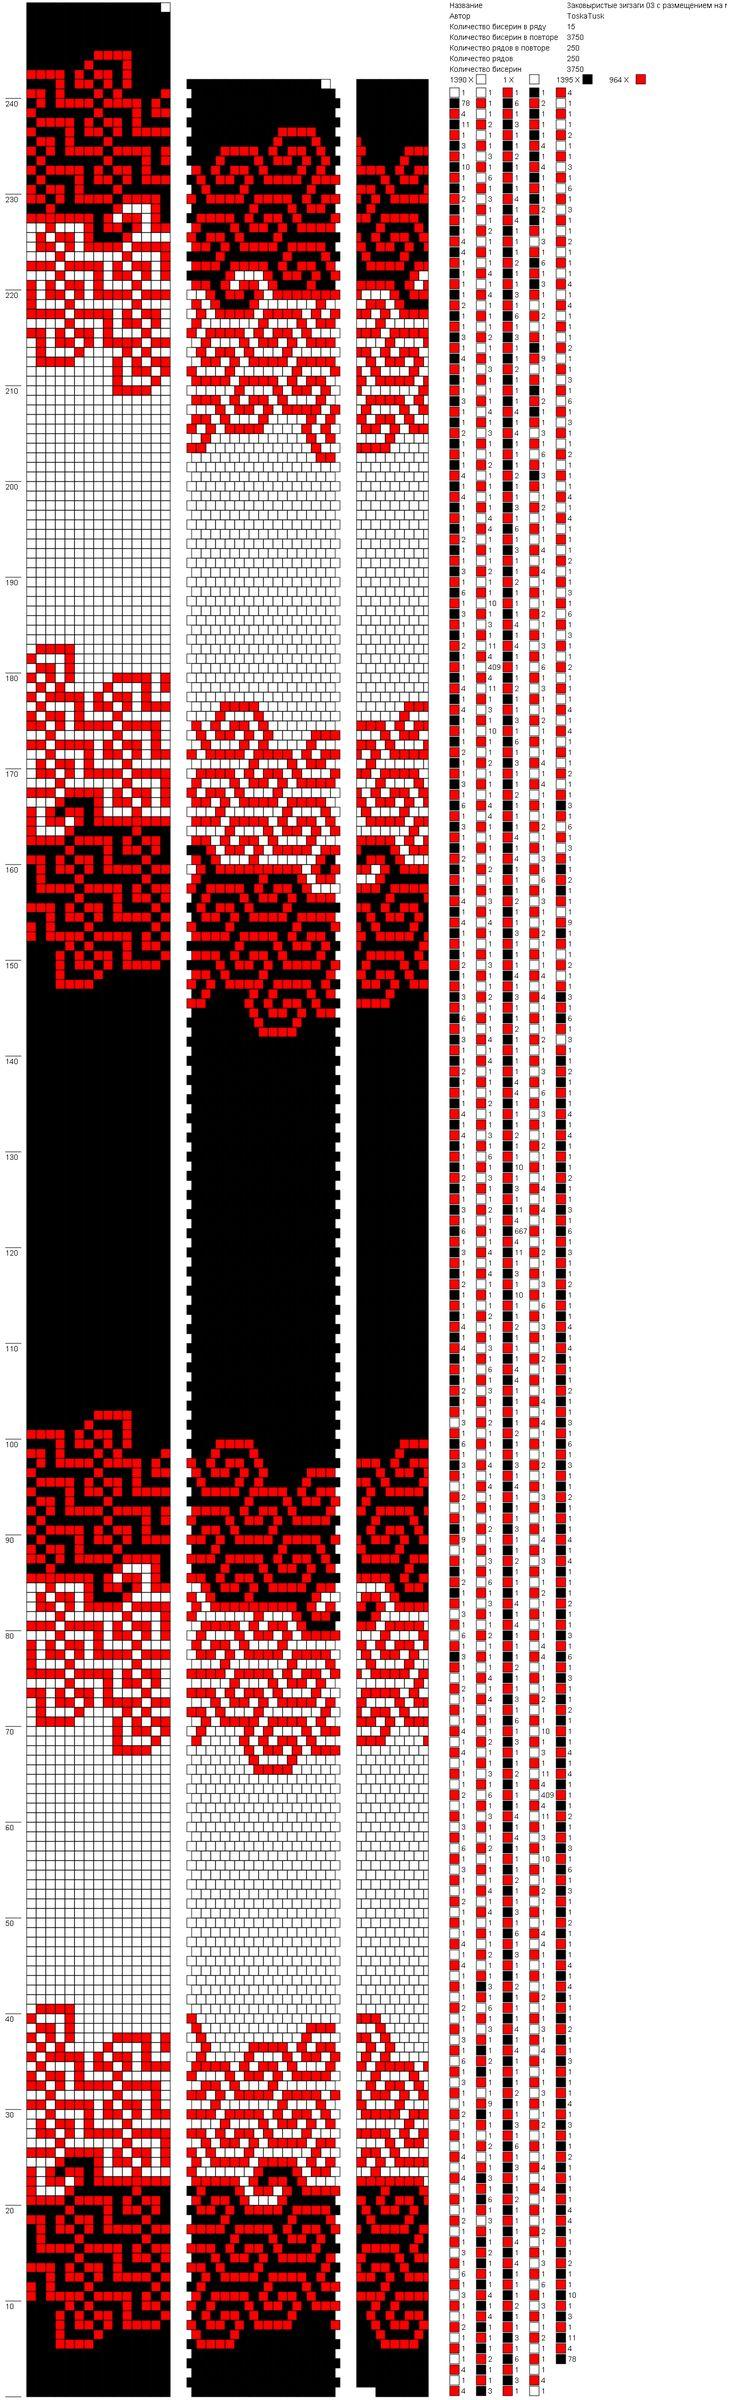 Заковыристые зигзаги 03 с размещением на манер IriS-ka Ирина Смолина в3 0,32 (15) http://crochetbeadpaint.info/raports/1999995